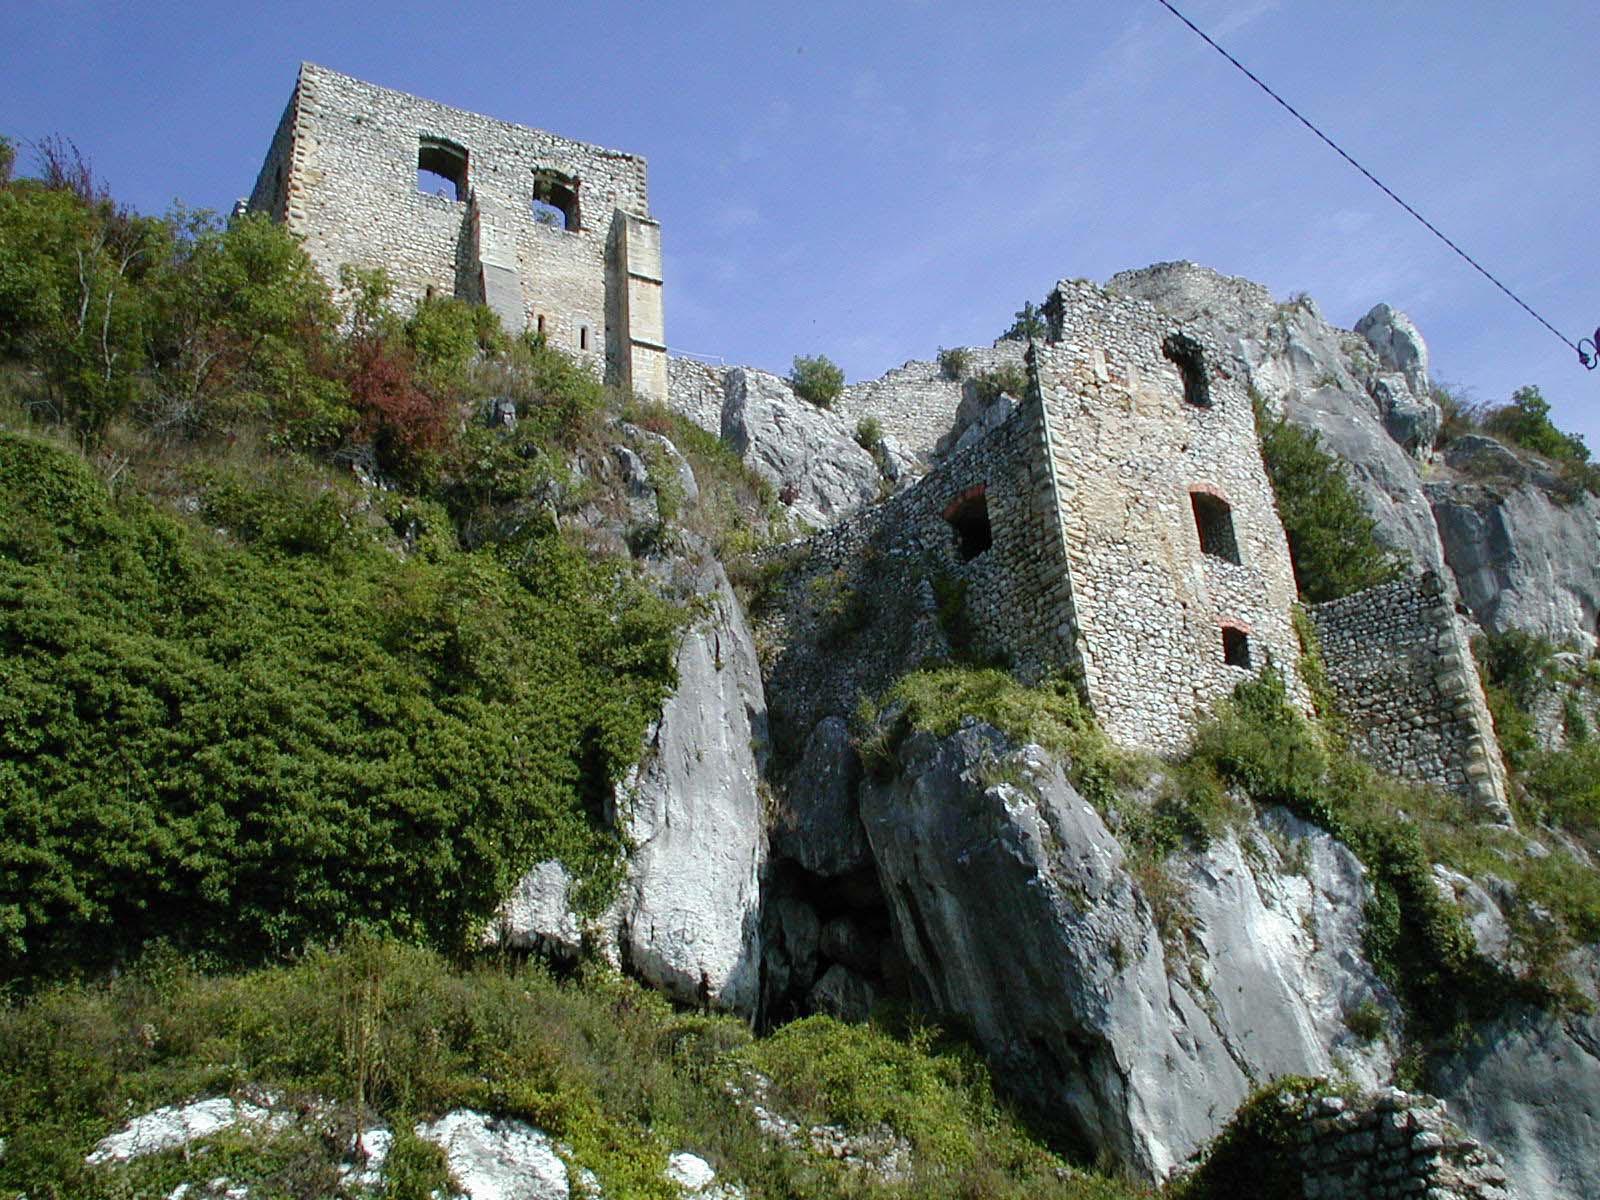 Krizevci, 090506 kz- Stari grad Kalnik, ostaci srednjovjekovnog grada utvrde kralja Bele IV foto: Stojanka Lesicki - pok 4-